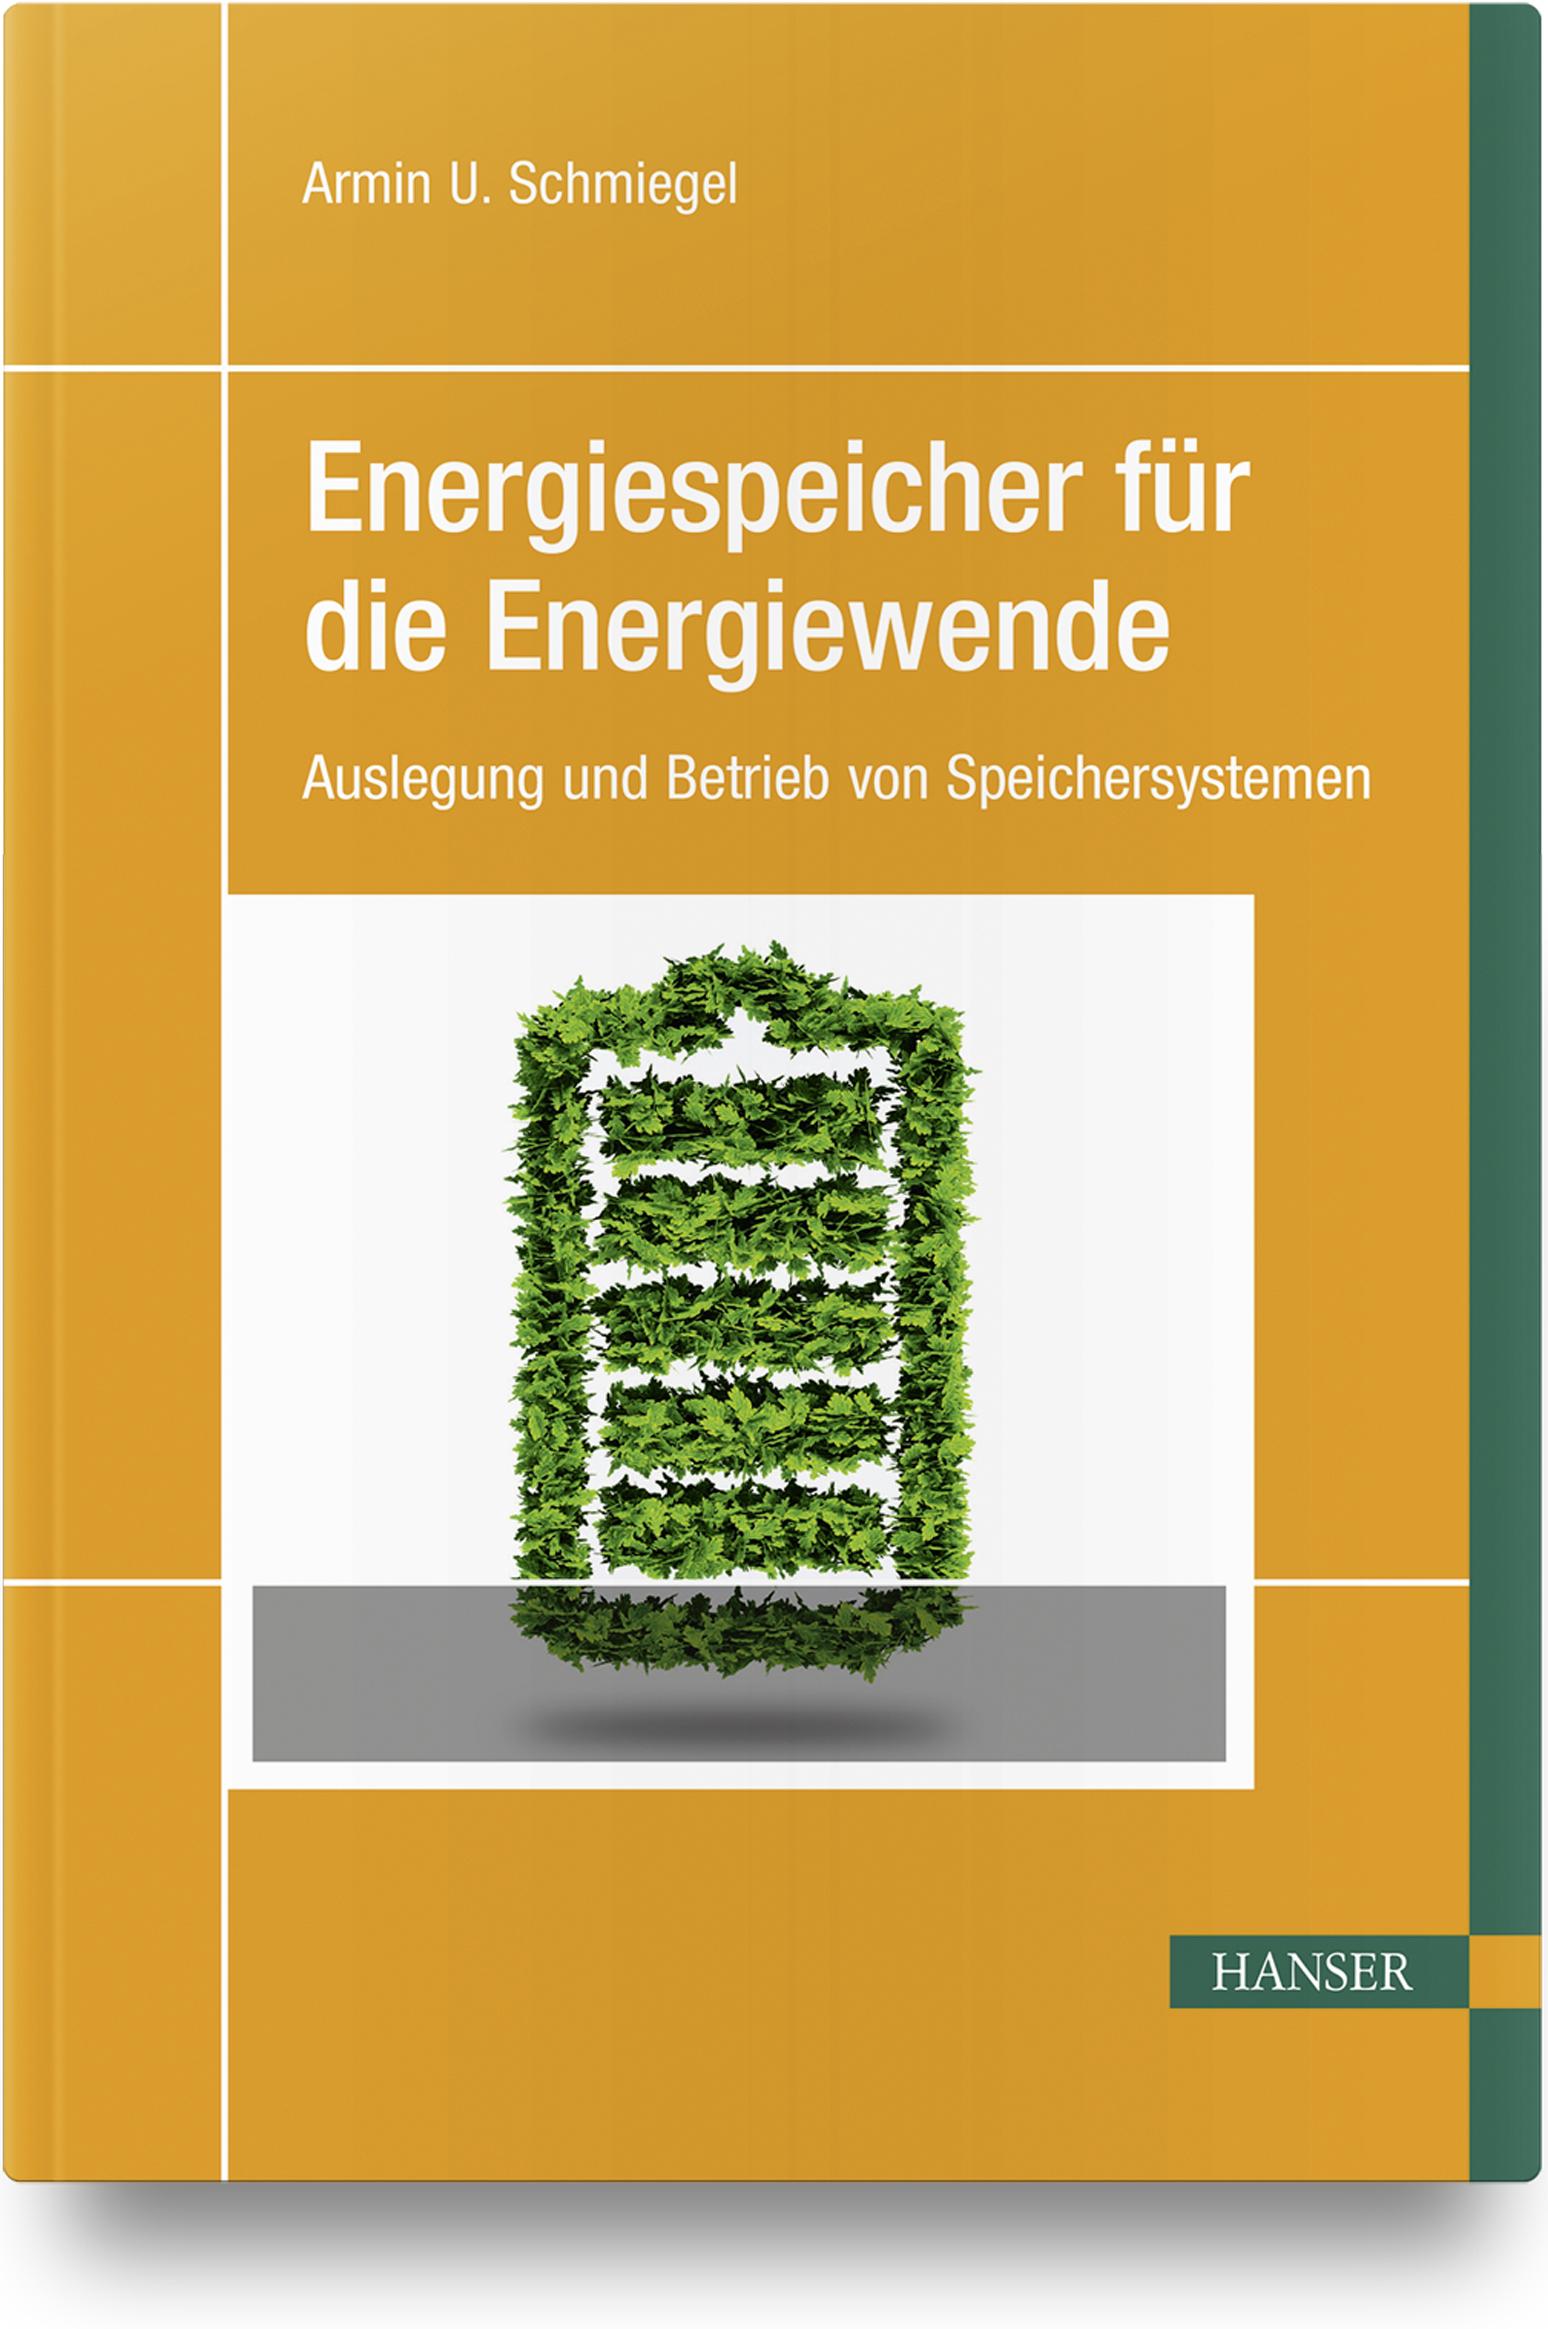 Schmiegel, Energiespeicher für die Energiewende, 978-3-446-45653-2